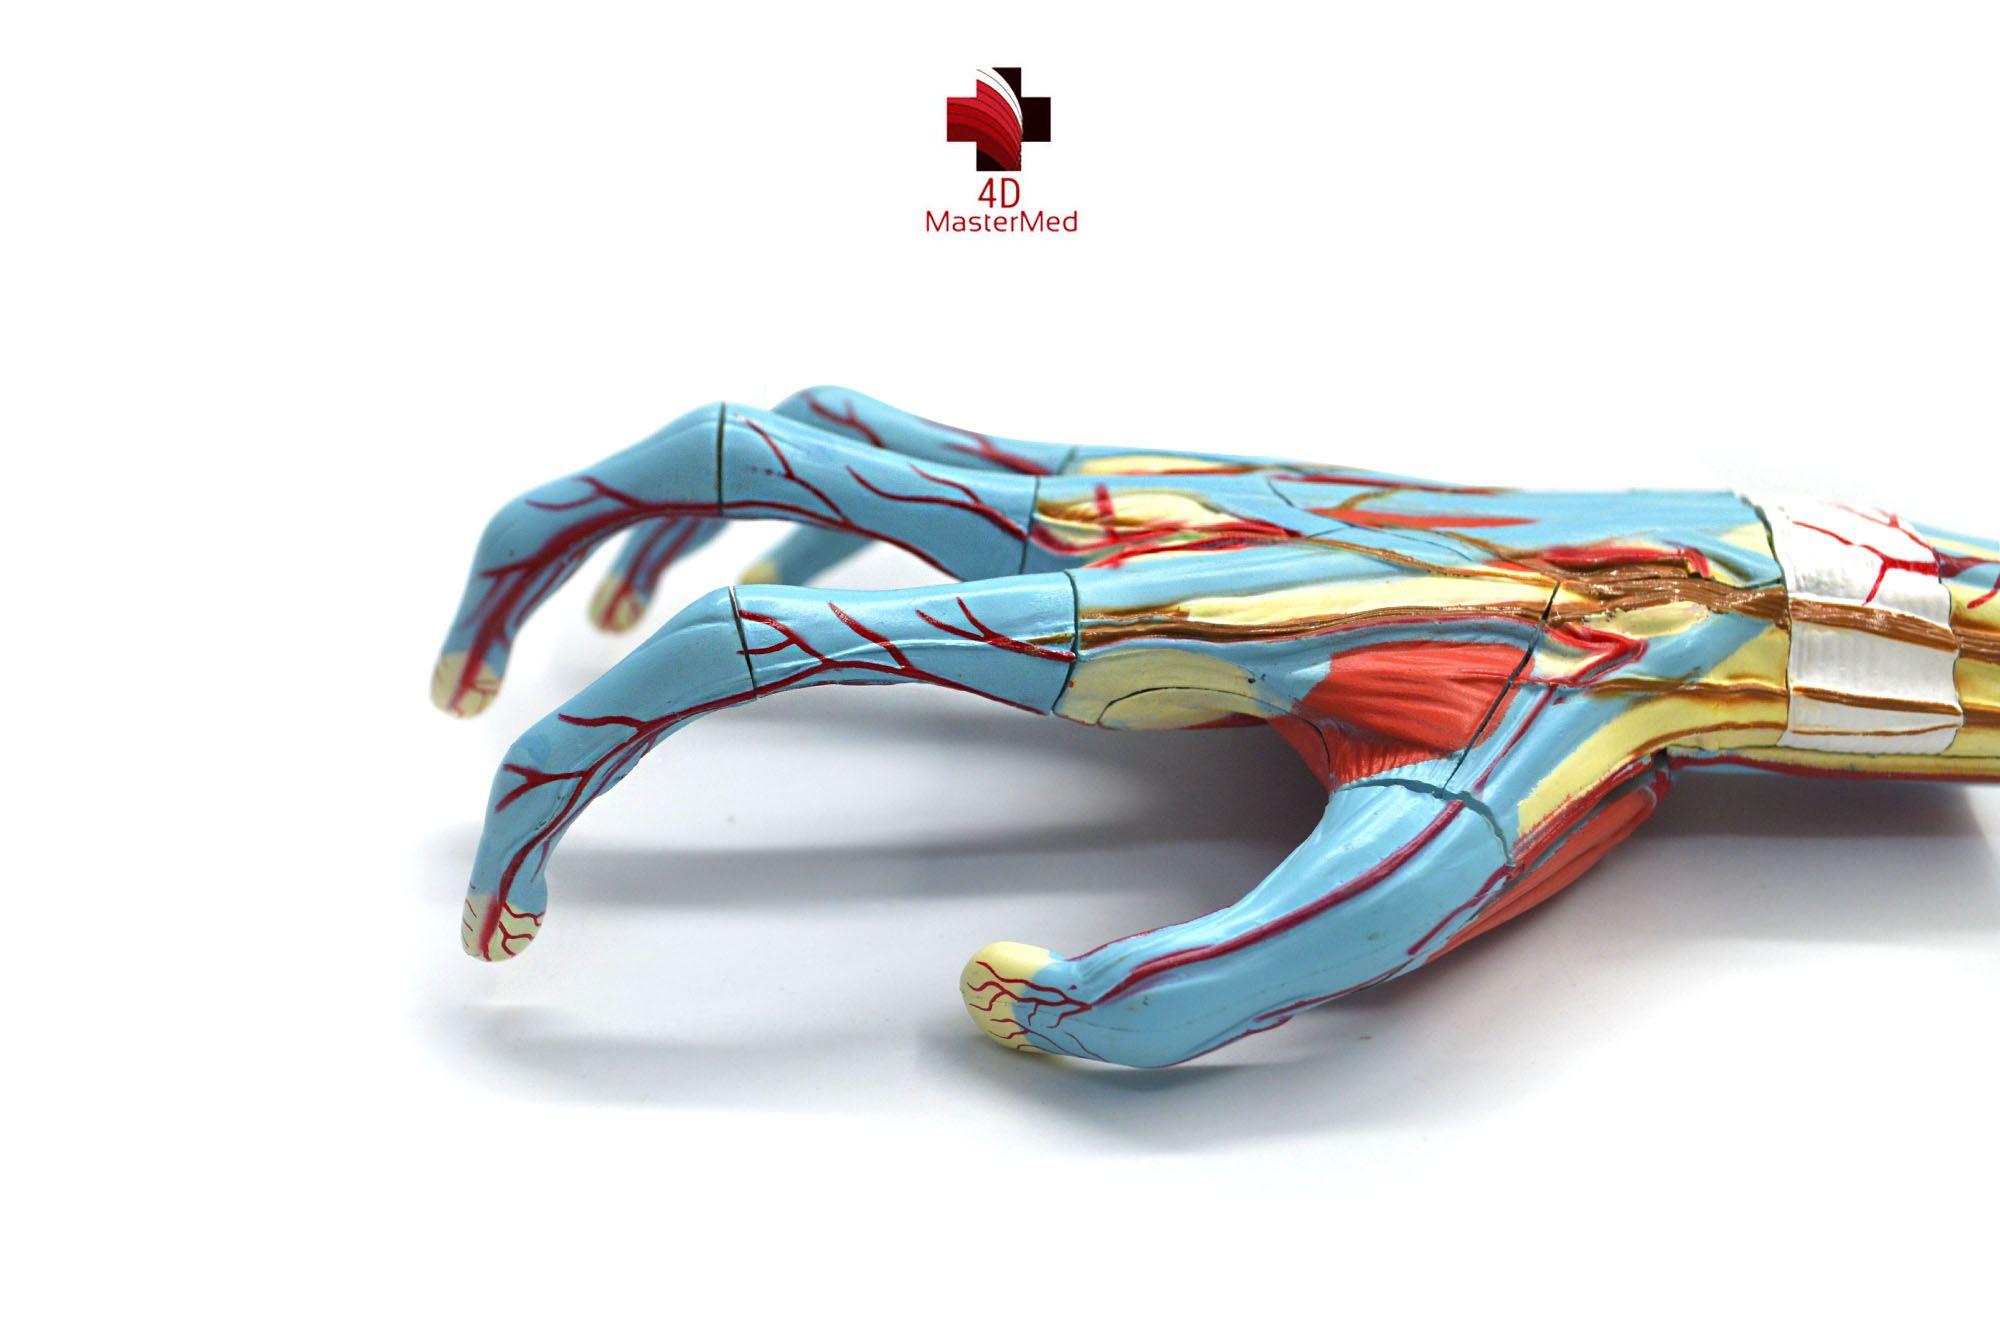 Anatomia da Mão